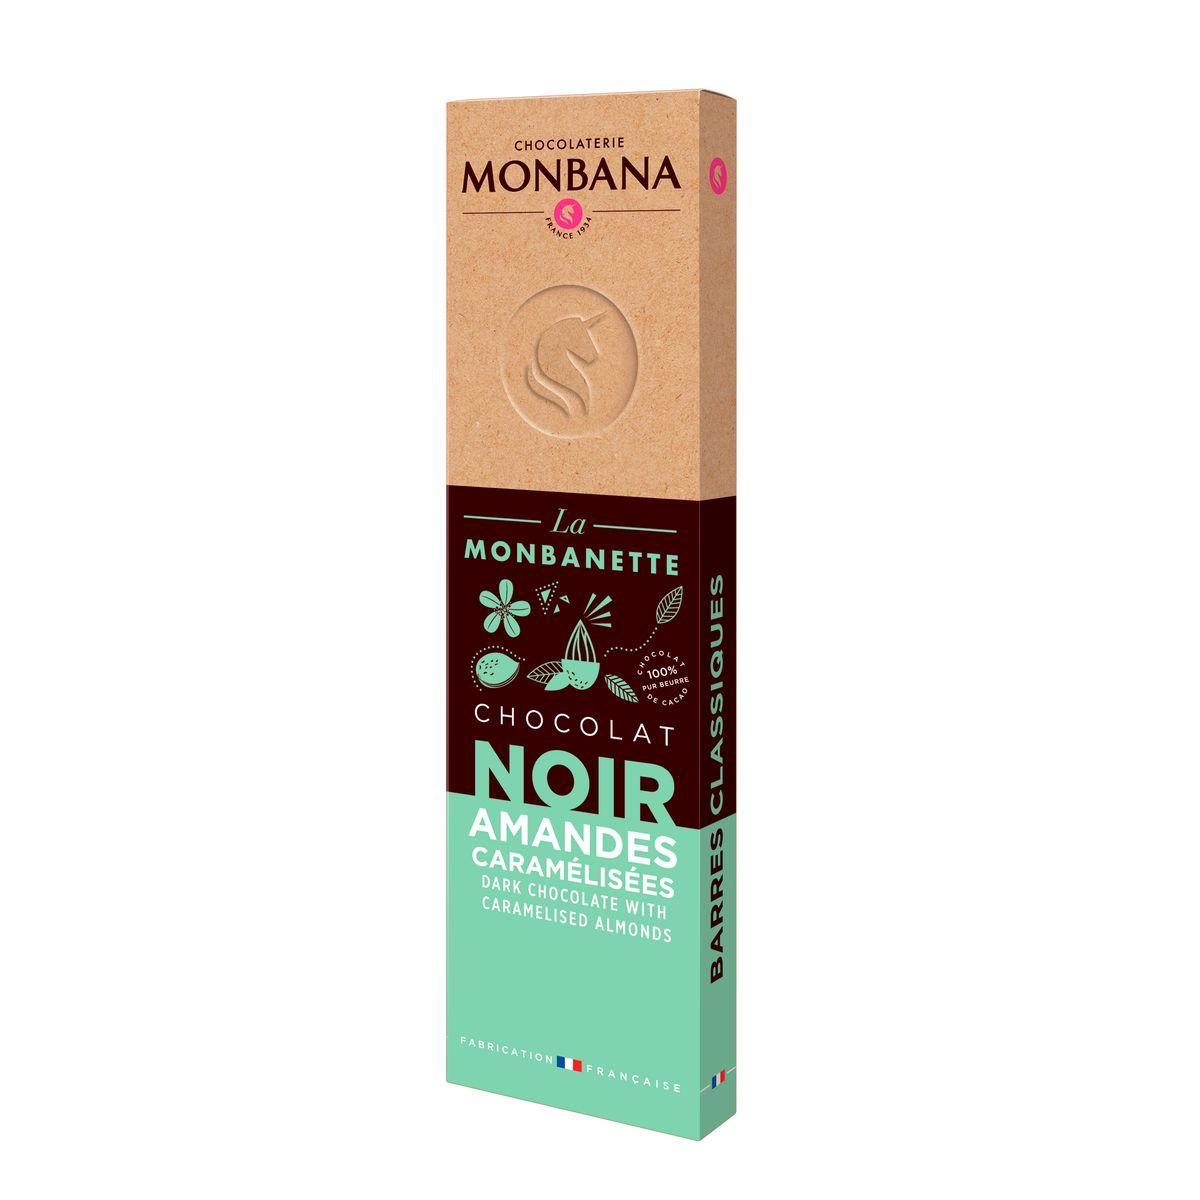 Barre de chocolat noir aux amandes caramélisées 40g - Monbana